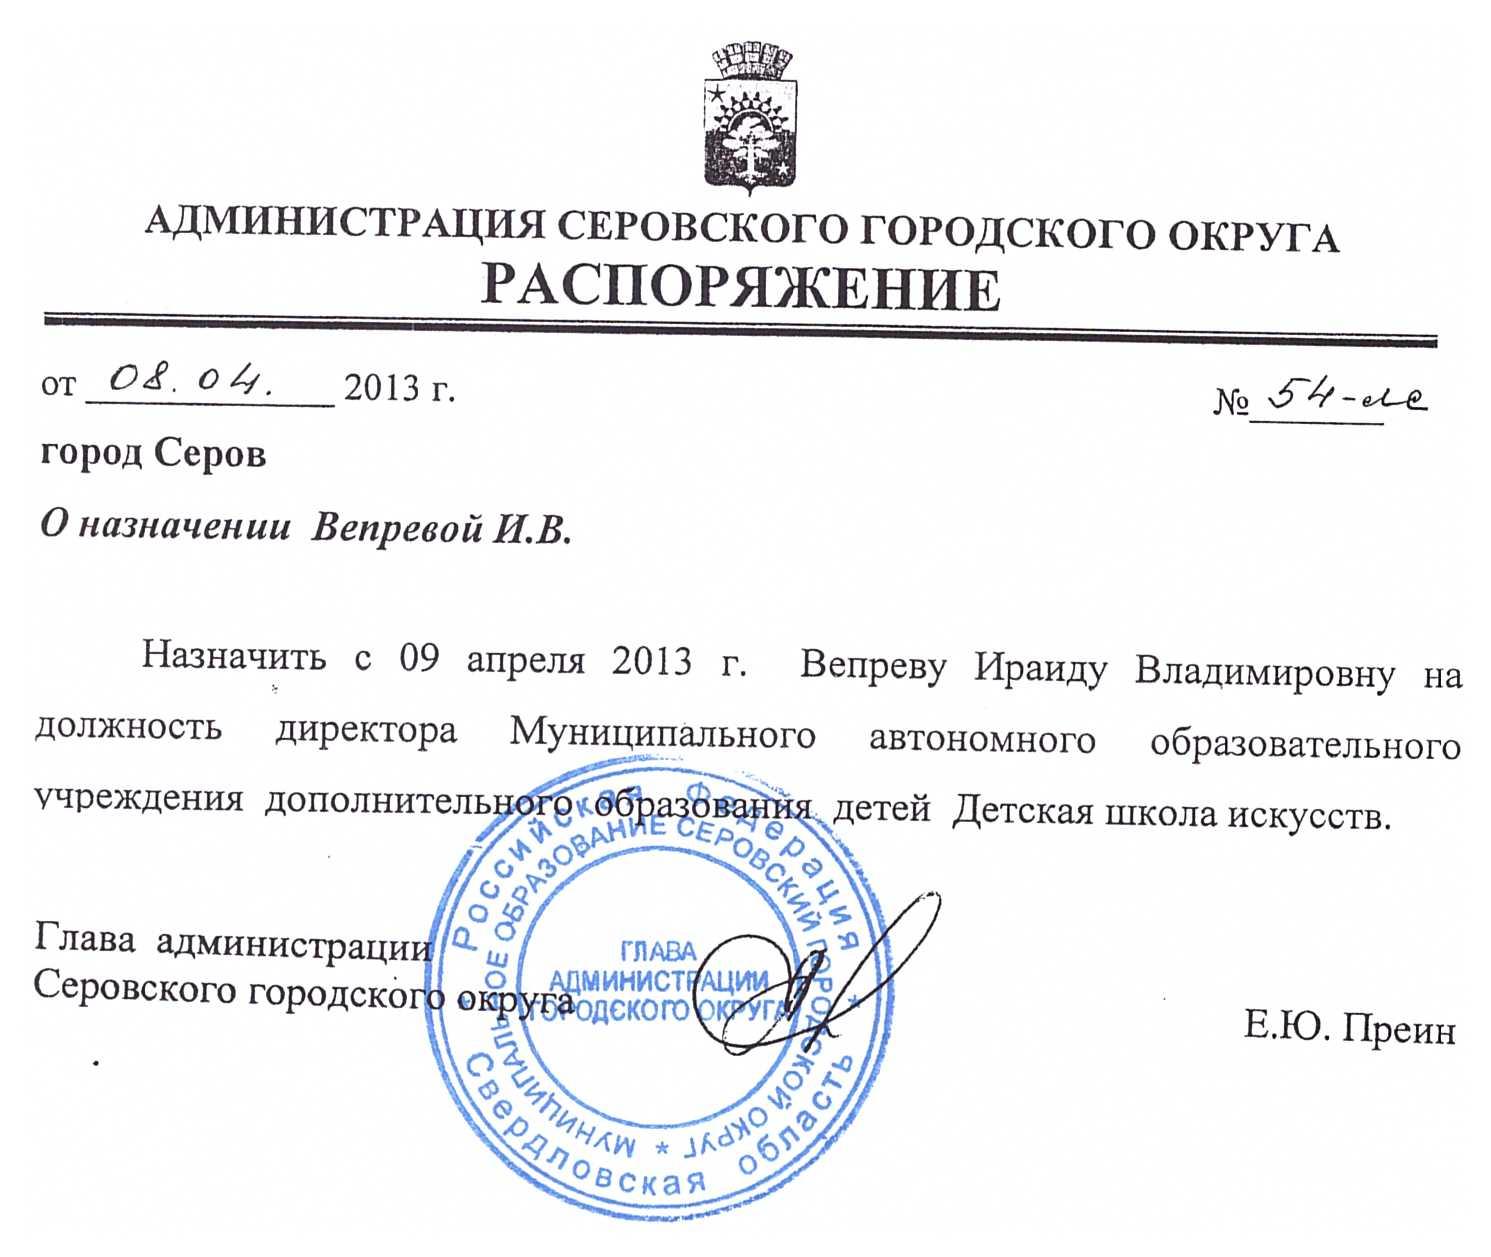 Распоряжение о назначении директора МАОУ ДОД ДШИ г. Серова